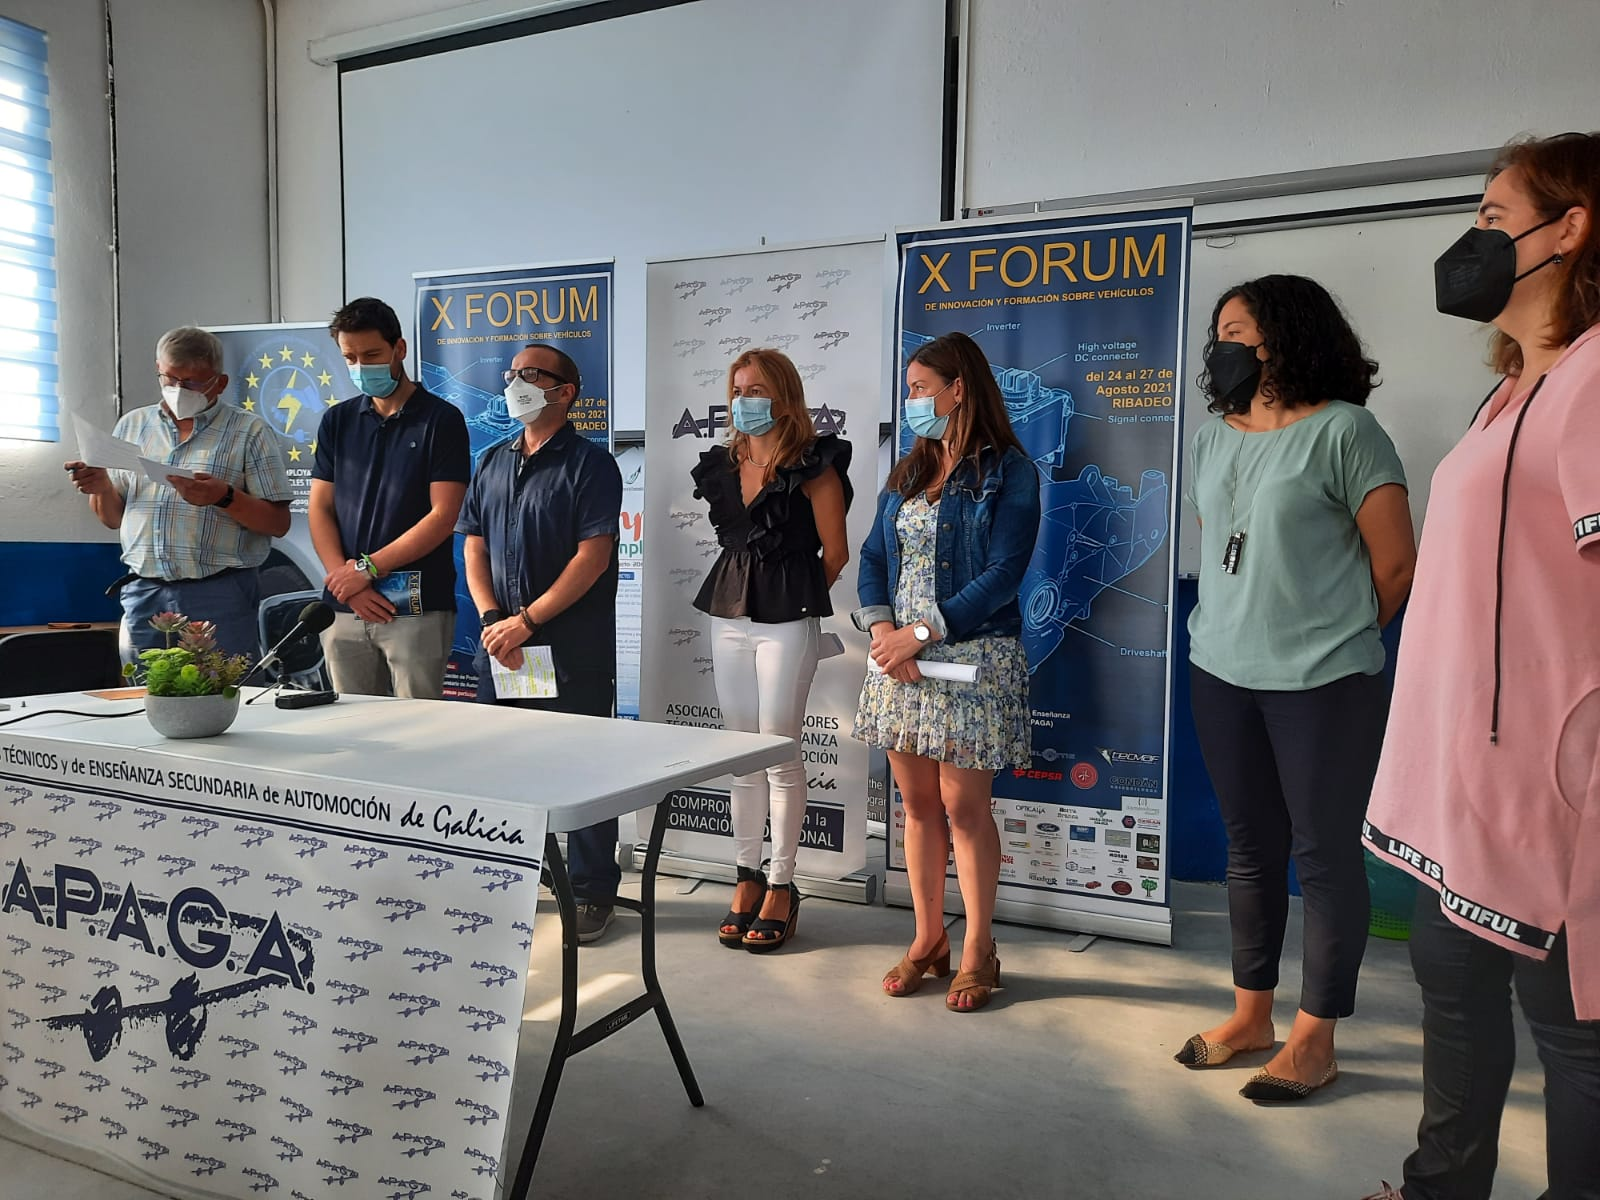 Inaugurado en Ribadeo o X Fórum de Innovación e Formación sobre vehículos, que organiza APAGA